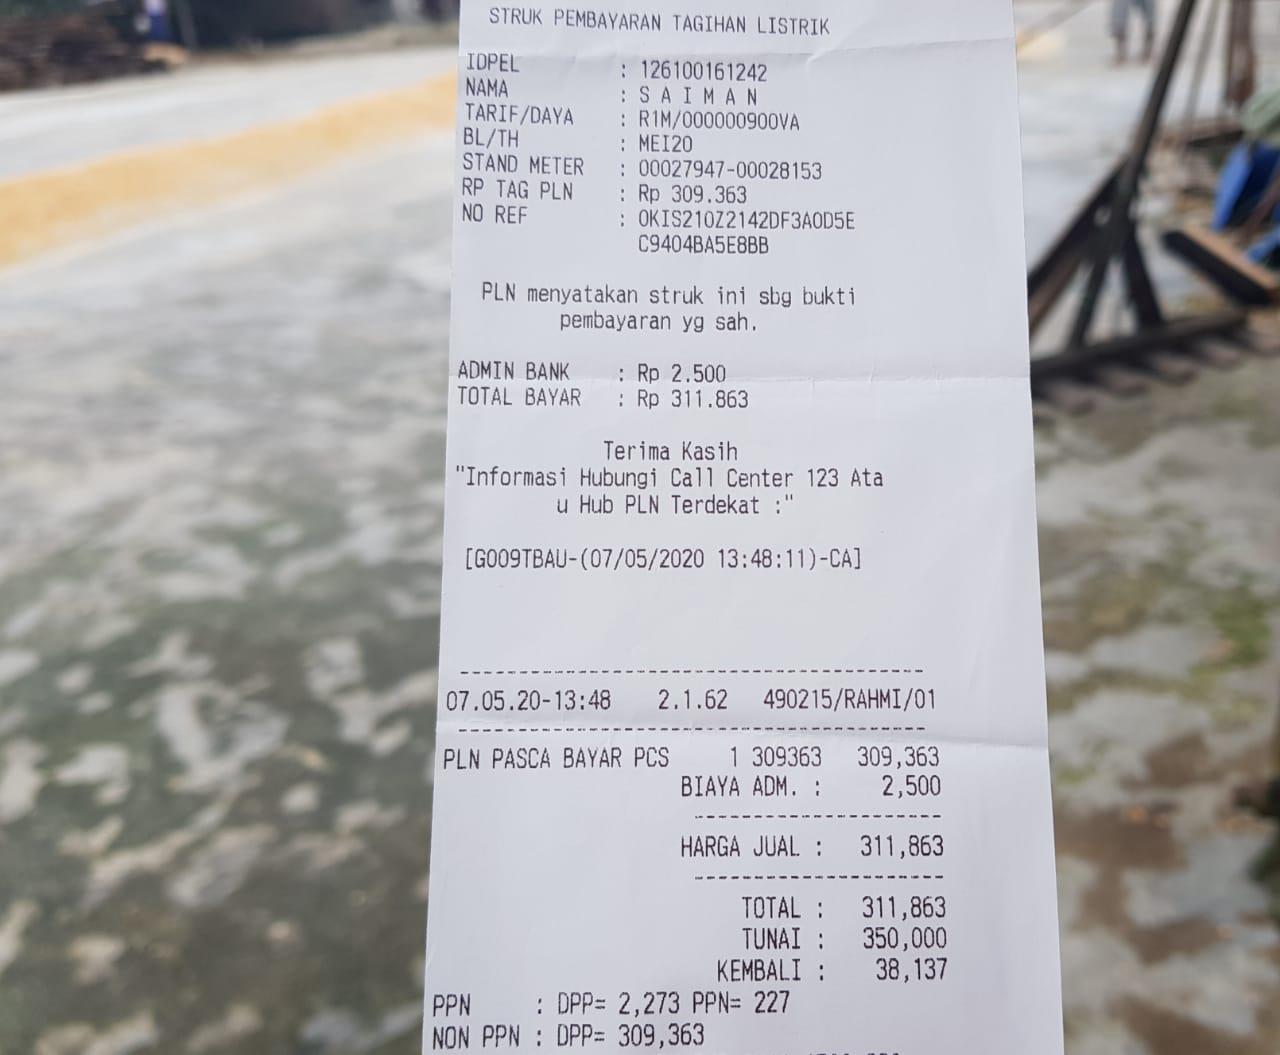 PLN Keluarkan Skema Agar Pelanggan Tak Terkejut Soal Lonjakan Tagihan